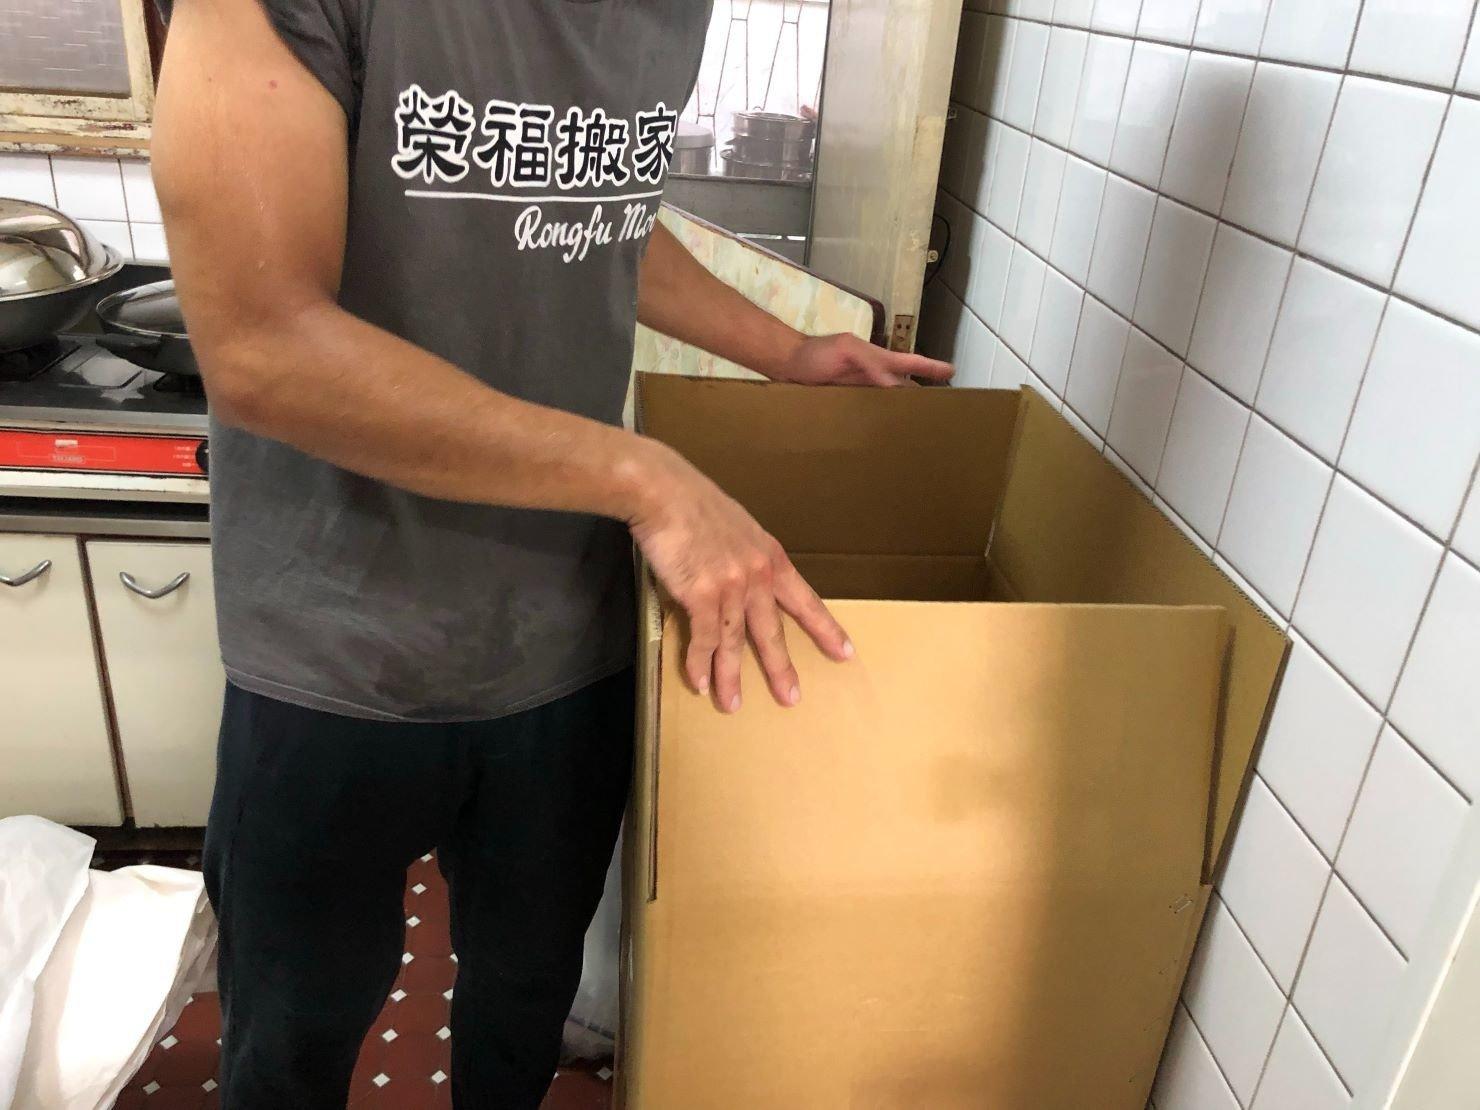 免動手搬運【榮福搬家】專業服務值得您的選擇:廚房開始打包中-打包裝箱服務,榮福搬家;台北搬家推薦